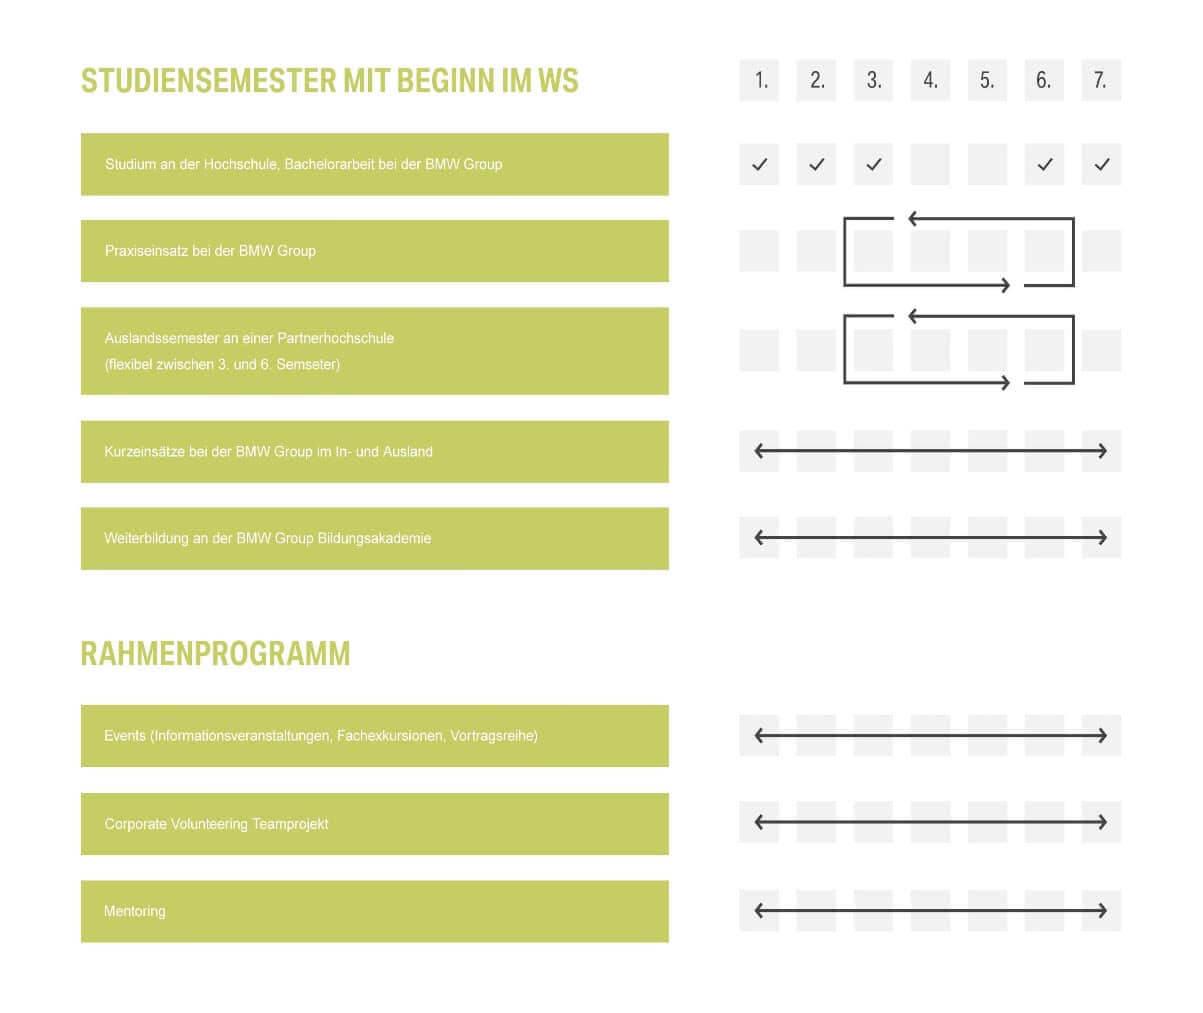 duales studium arbeitgeber abschl sse dein guide 2019. Black Bedroom Furniture Sets. Home Design Ideas